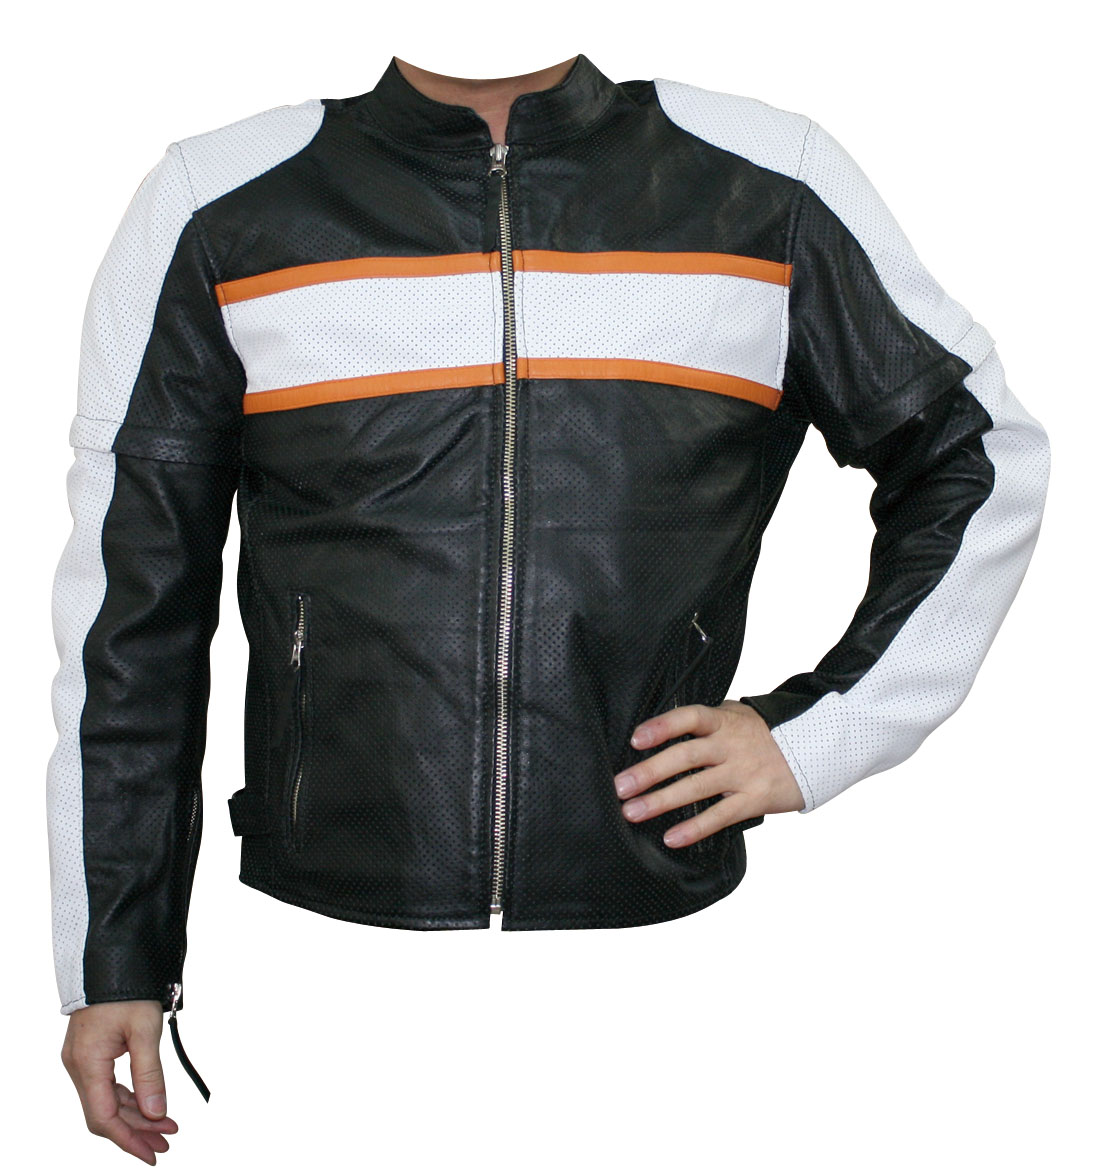 モトフィールド MOTO FIELD 春夏モデル シープパンチングレザージャケット 黒/白 Lサイズ MF-LJ019P JP店